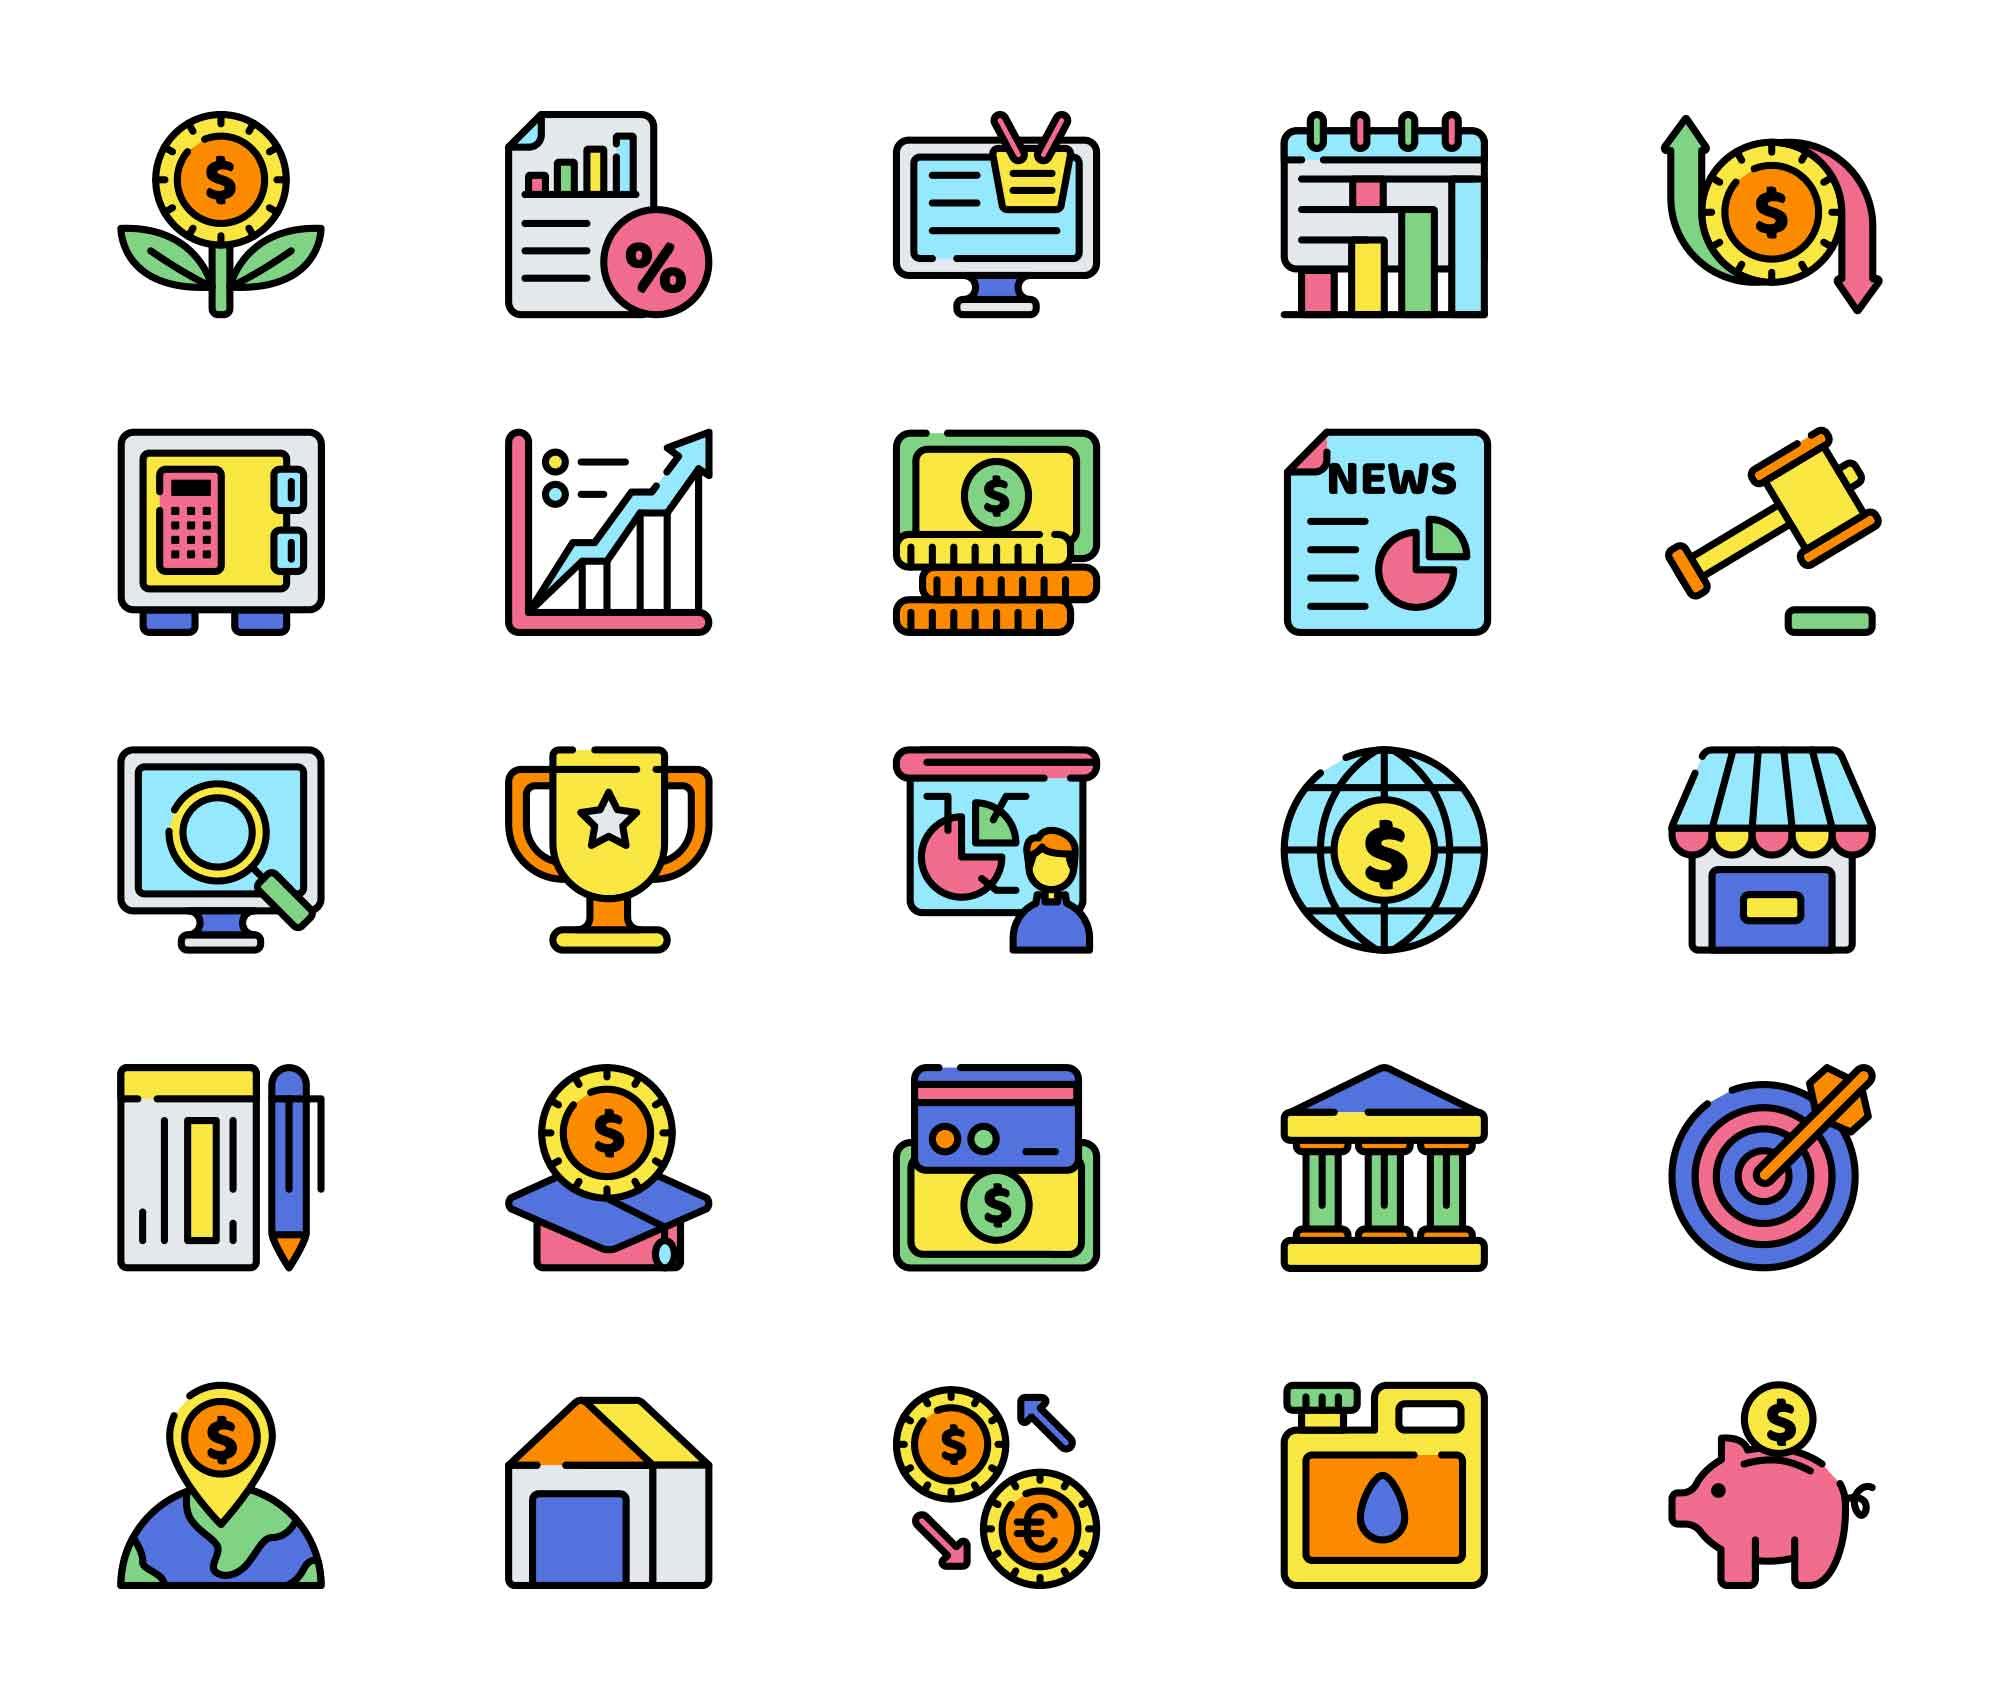 Economics Vector Icons